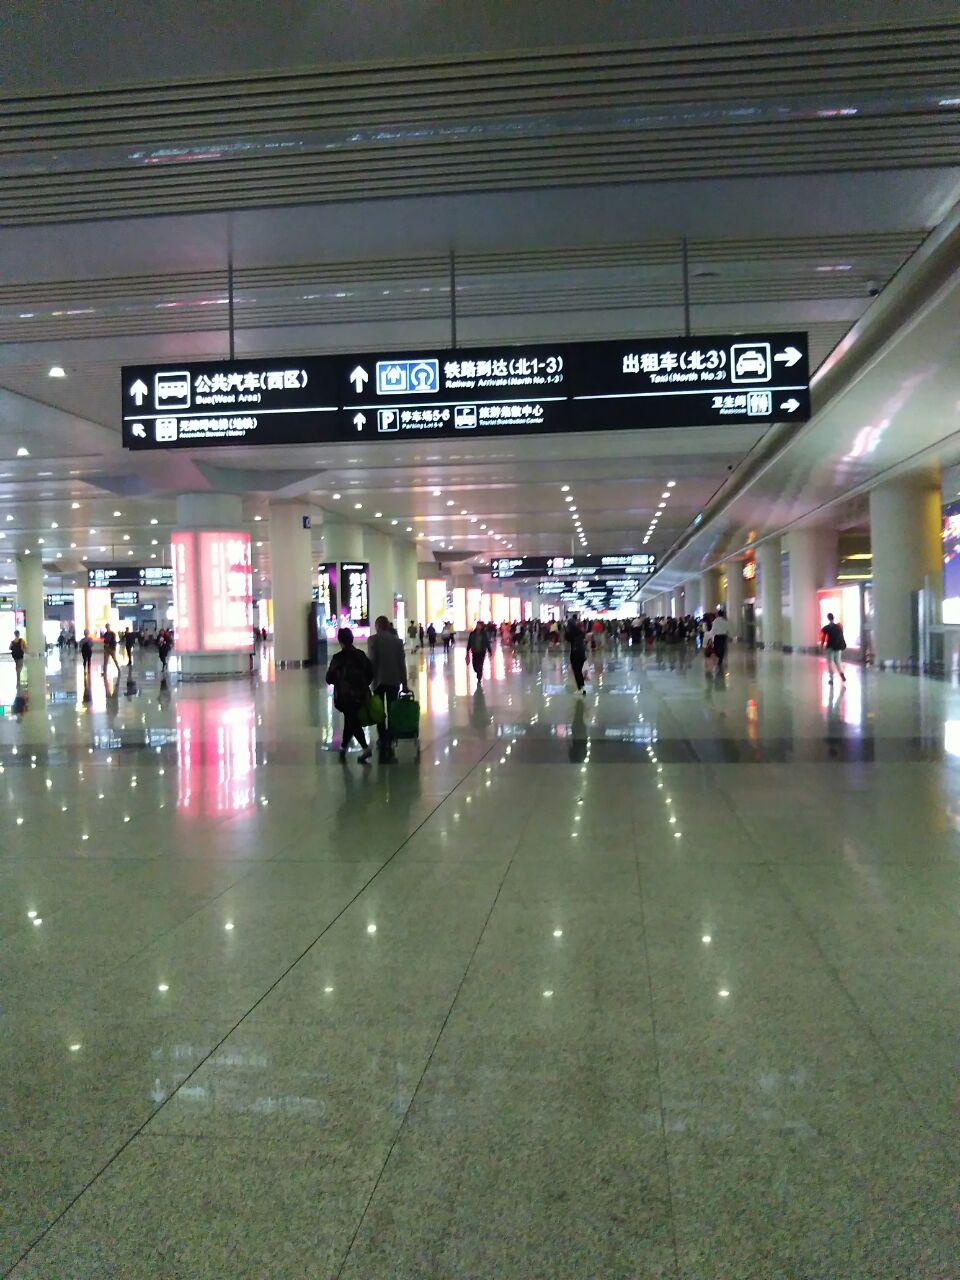 【携程攻略】杭州东站